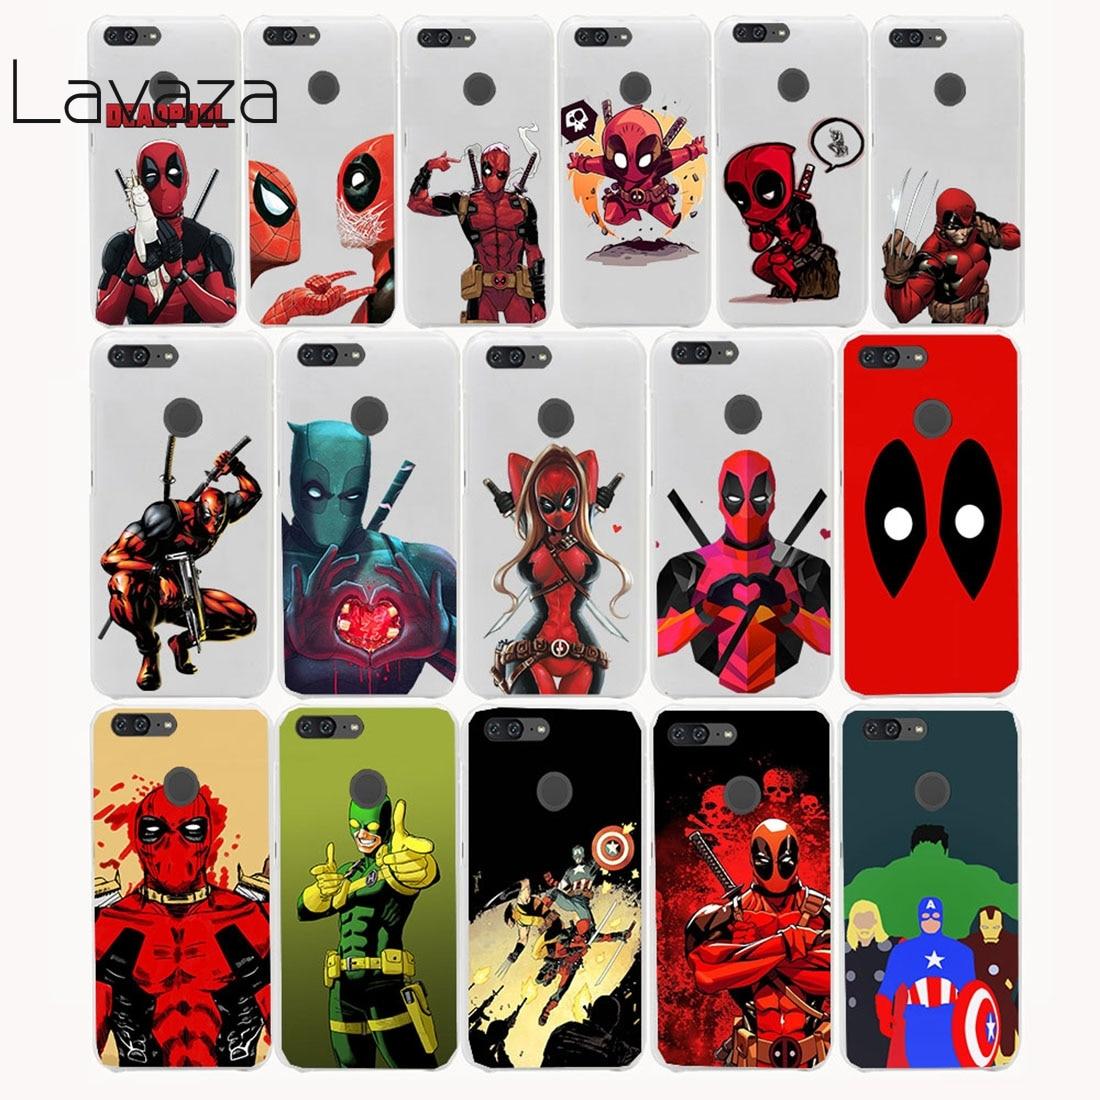 Lavaza 12FF Marvel Soldier Deadpool Hard Case for Huawei Honor 10 8 9 lite 6 6a 6x 7 7x Y5II Y6II Y5 Y6 2017